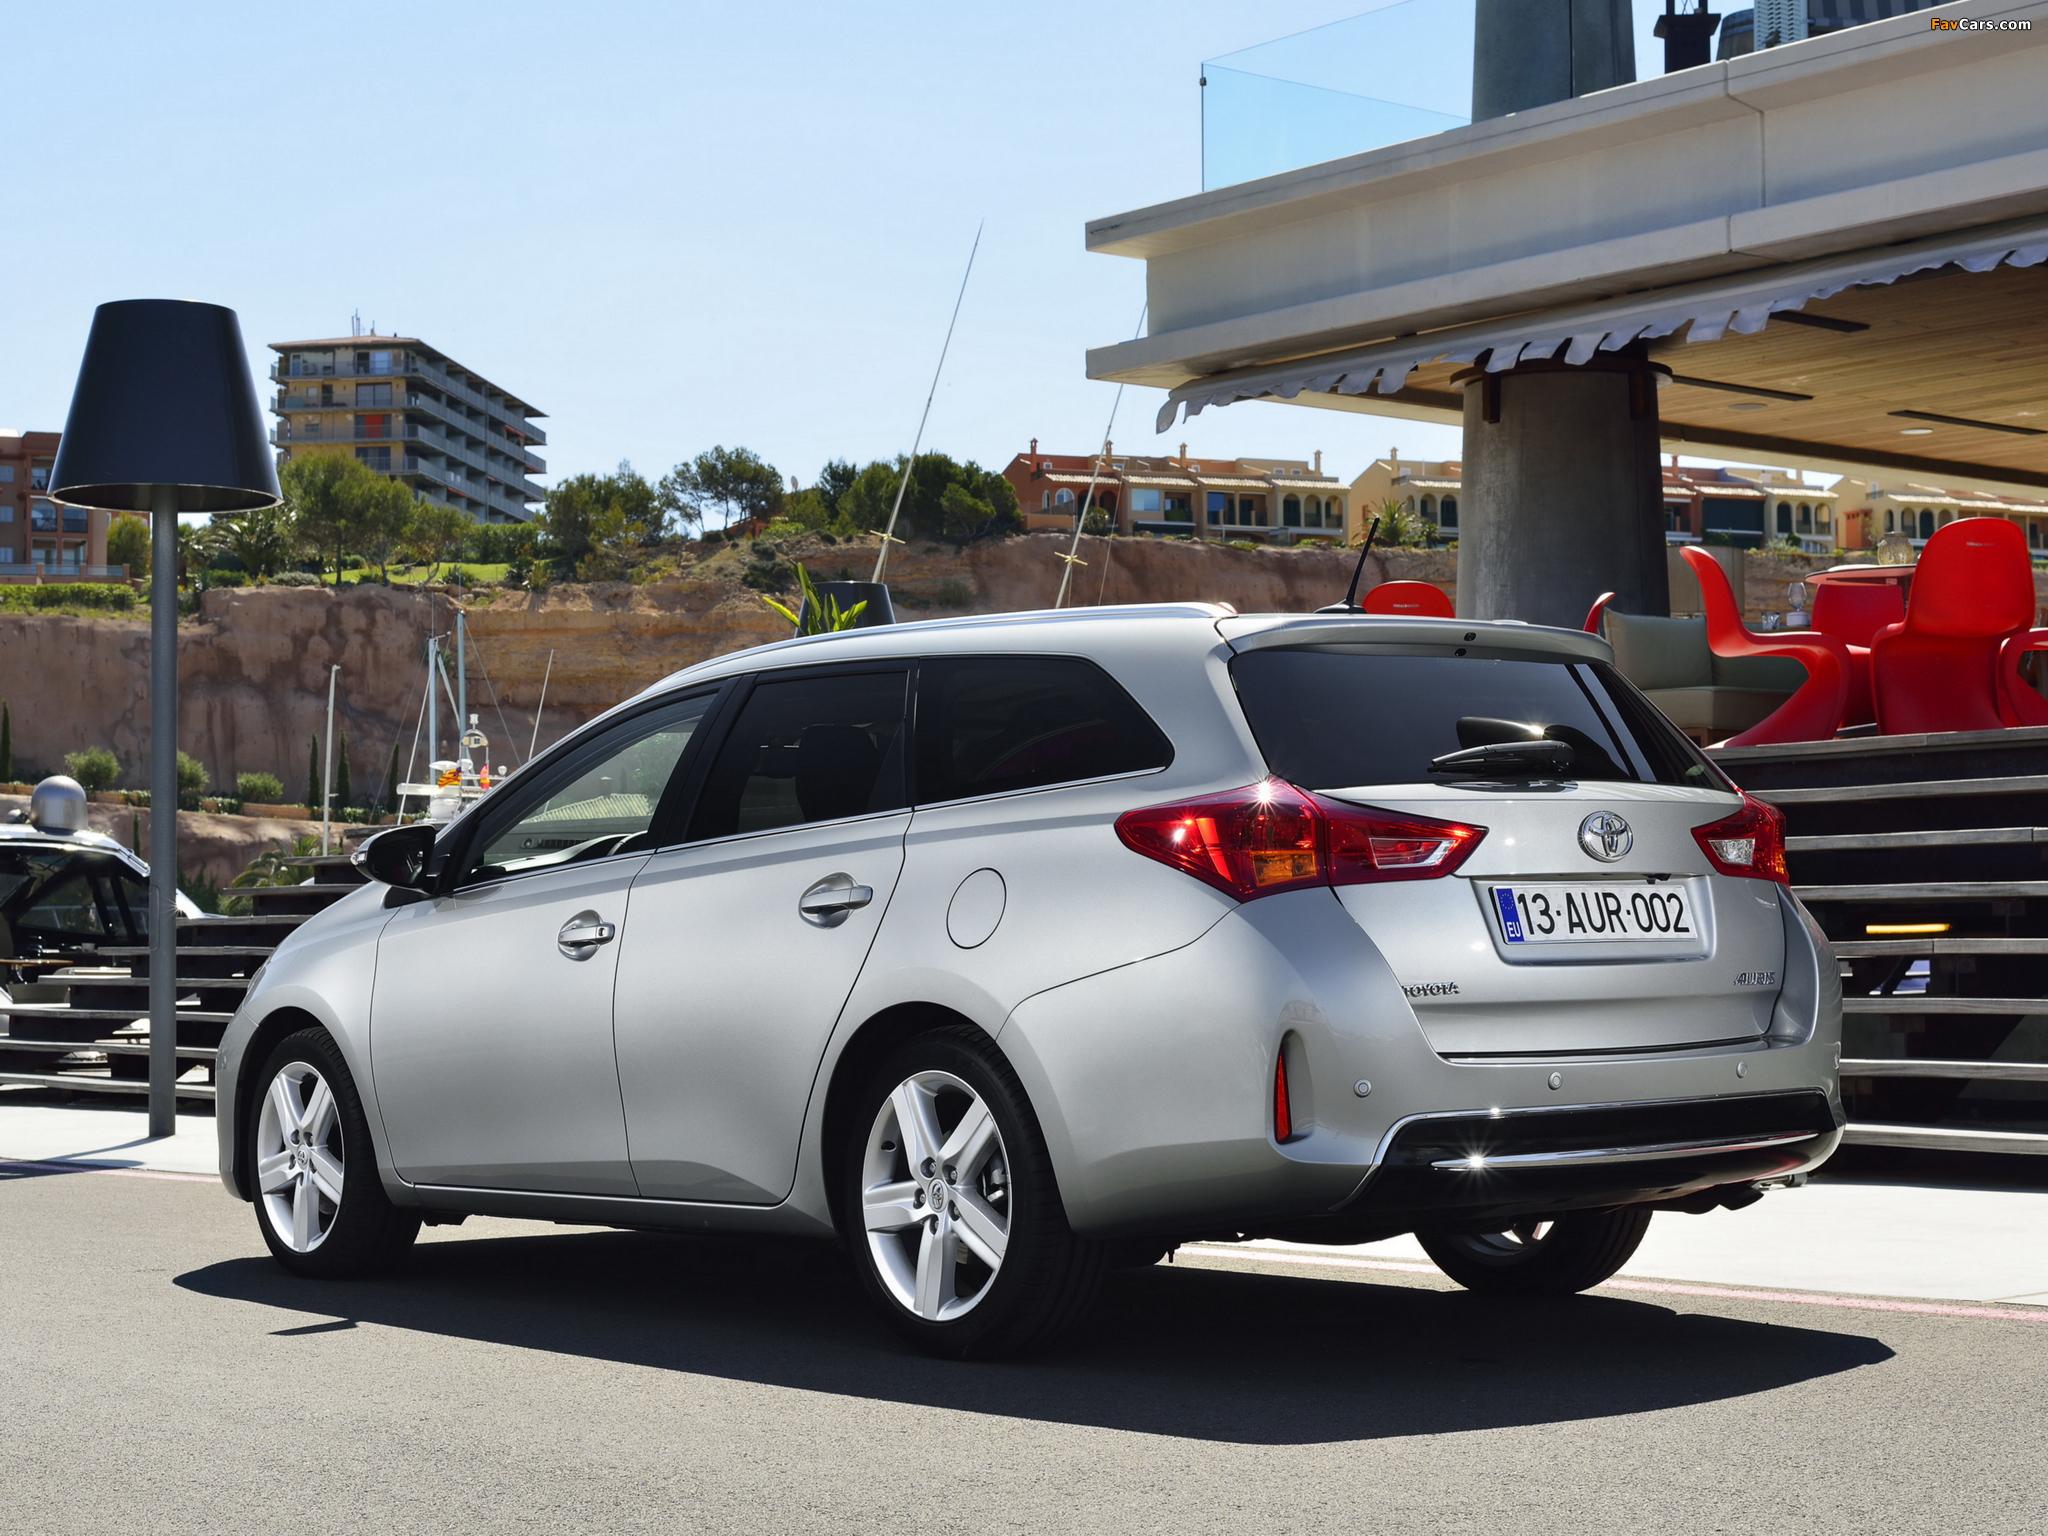 Toyota Auris Touring Sports 2013 photos (2048 x 1536)